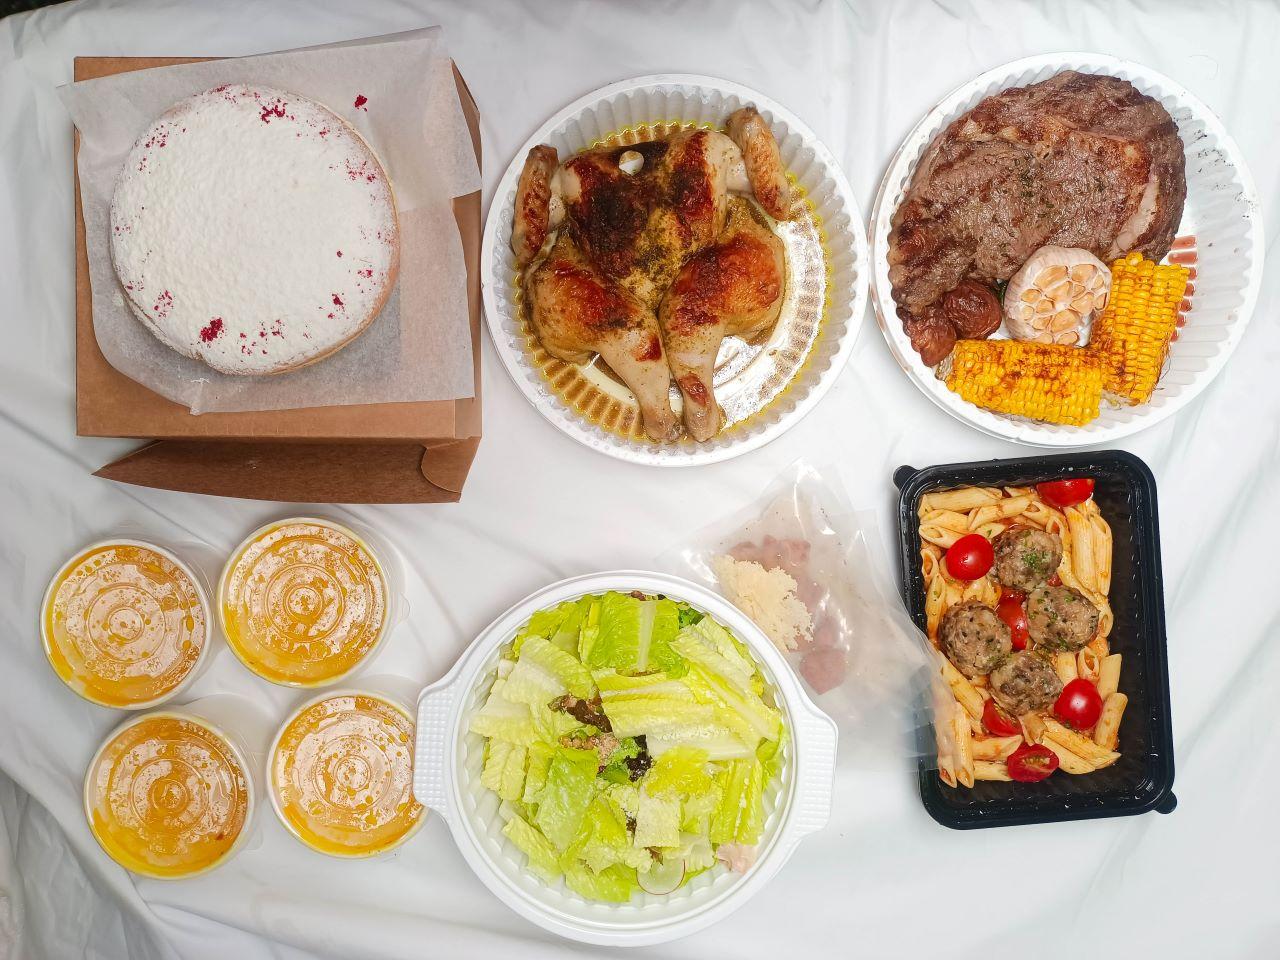 四人分享餐優惠再延長至8月底,父親節訂一份回家跟爸爸吃大餐(內含優惠DM)-華泰王子飯店L'IDIOT RESTAURANT 驢子餐廳 @Nancy將的生活筆計本